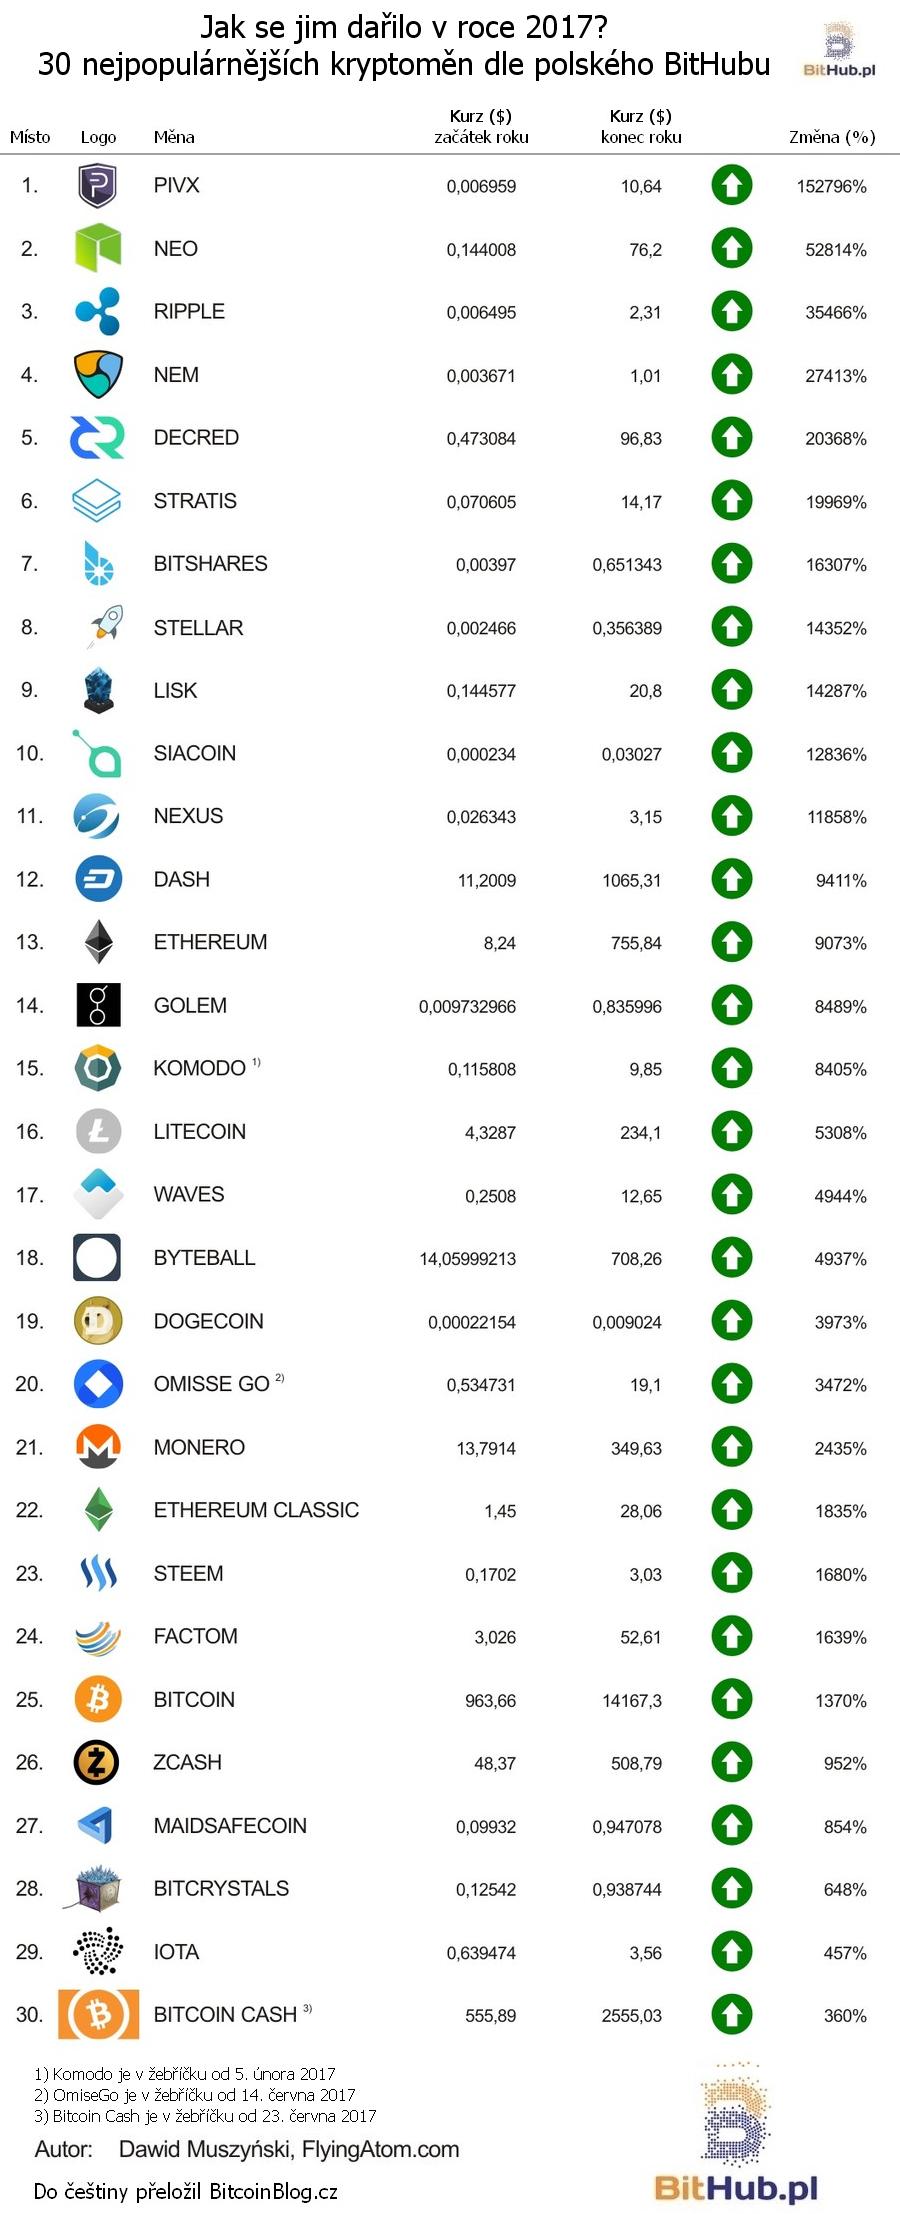 Žebříček: Jak se jim dařilo v roce 2017? 30 nejpopulárnějších kryptoměn dle polského BitHubu